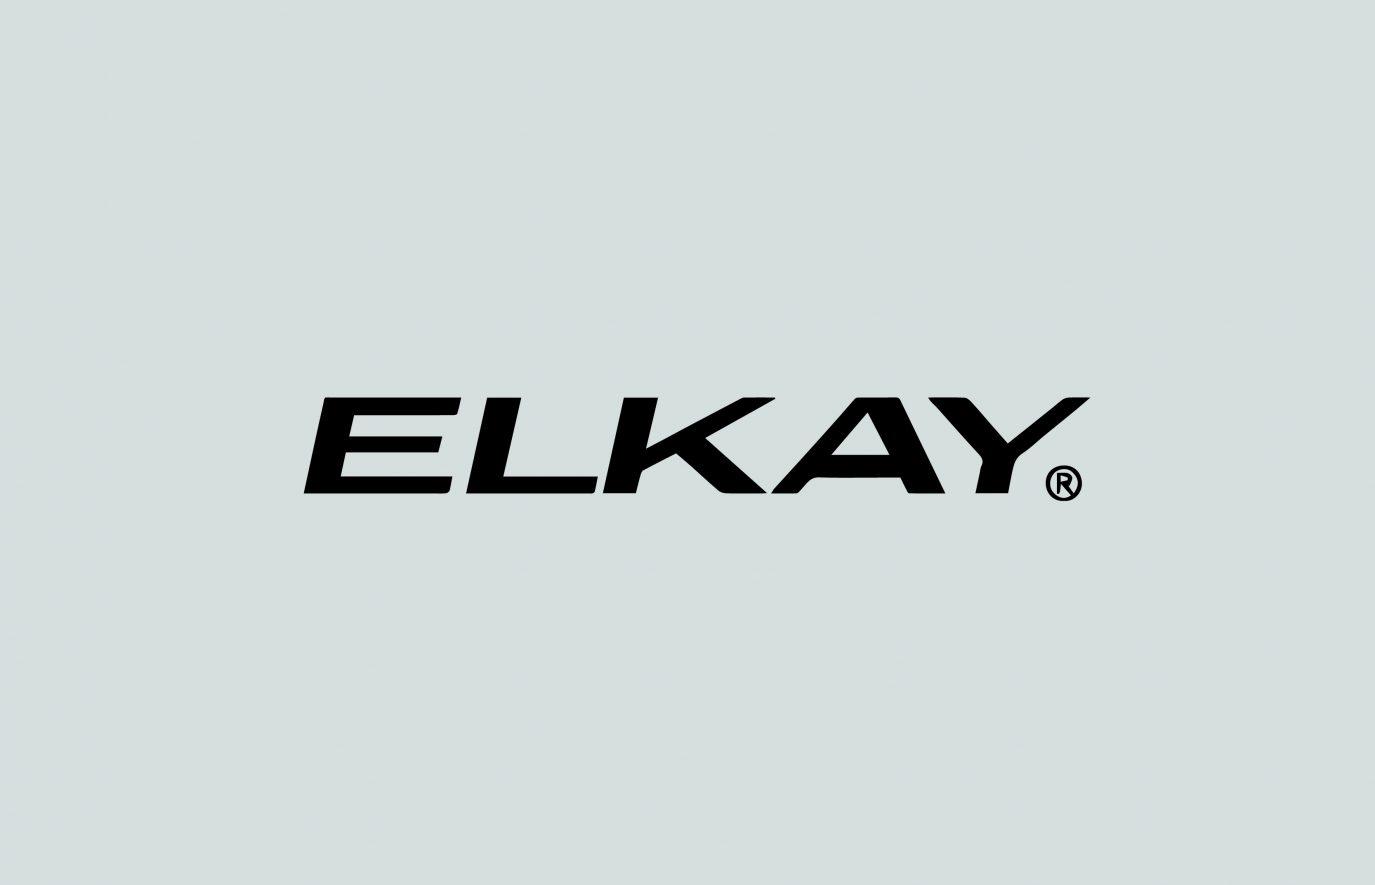 elkay1